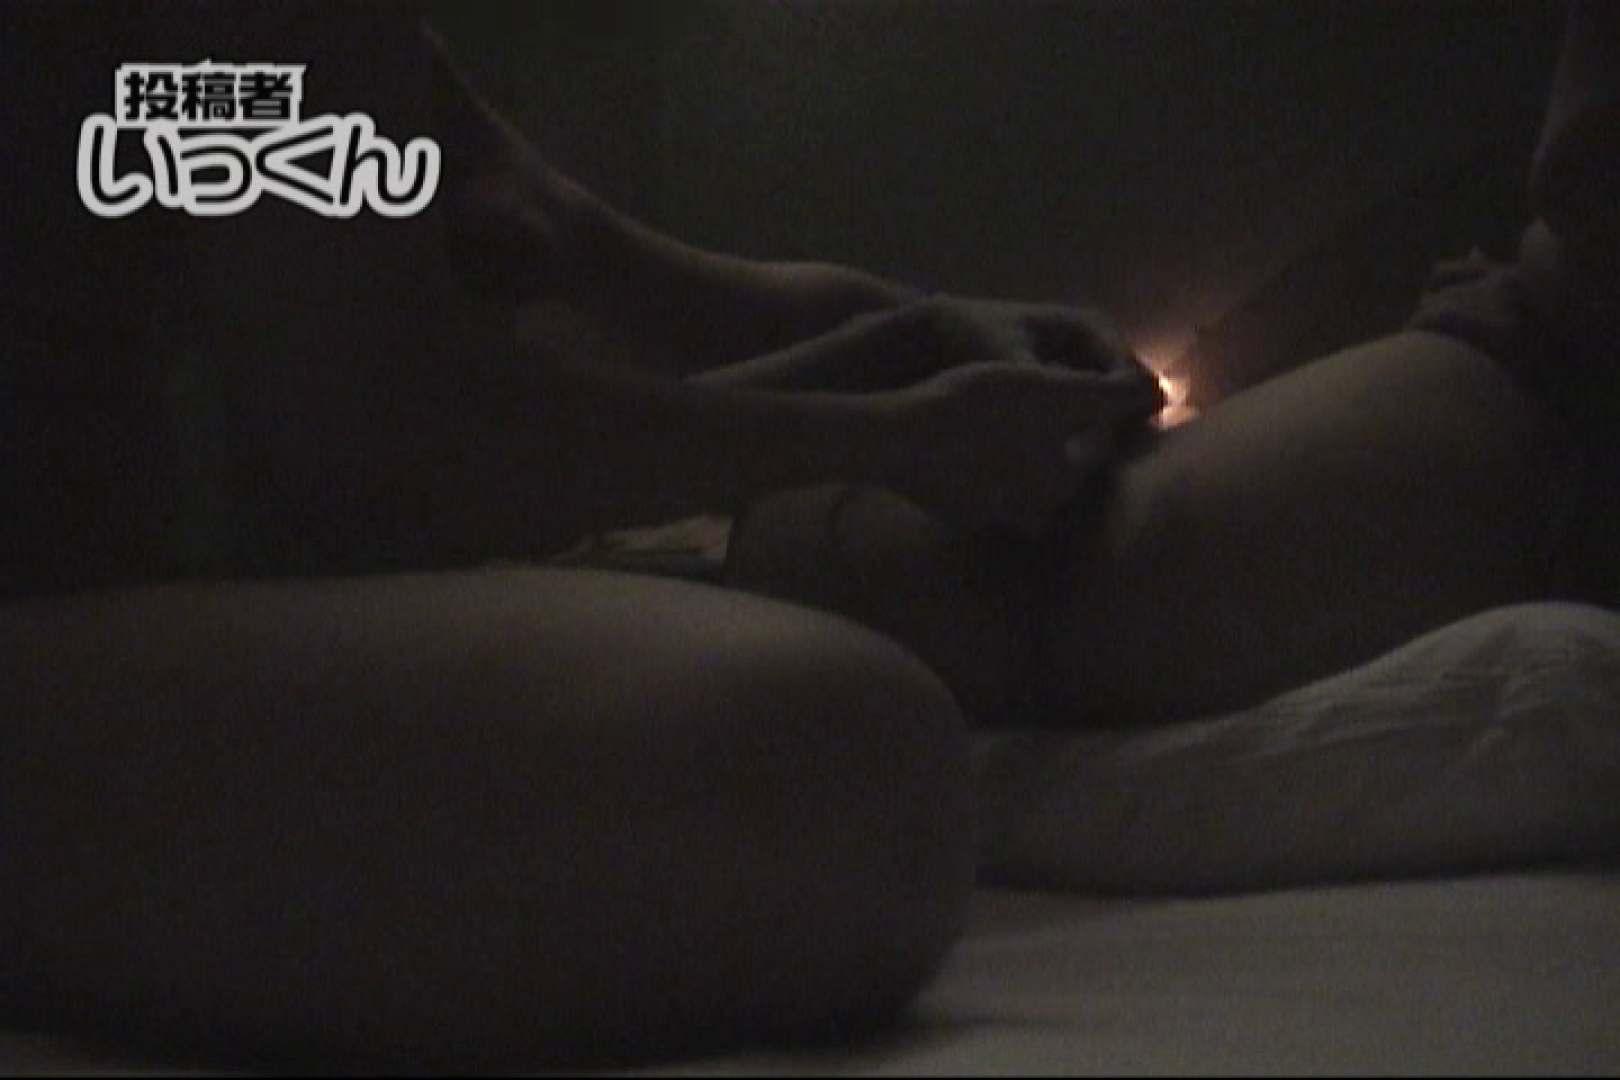 調教師いっくんの 北海道の自衛隊員の彼女24歳えみ 盗撮映像  95枚 14